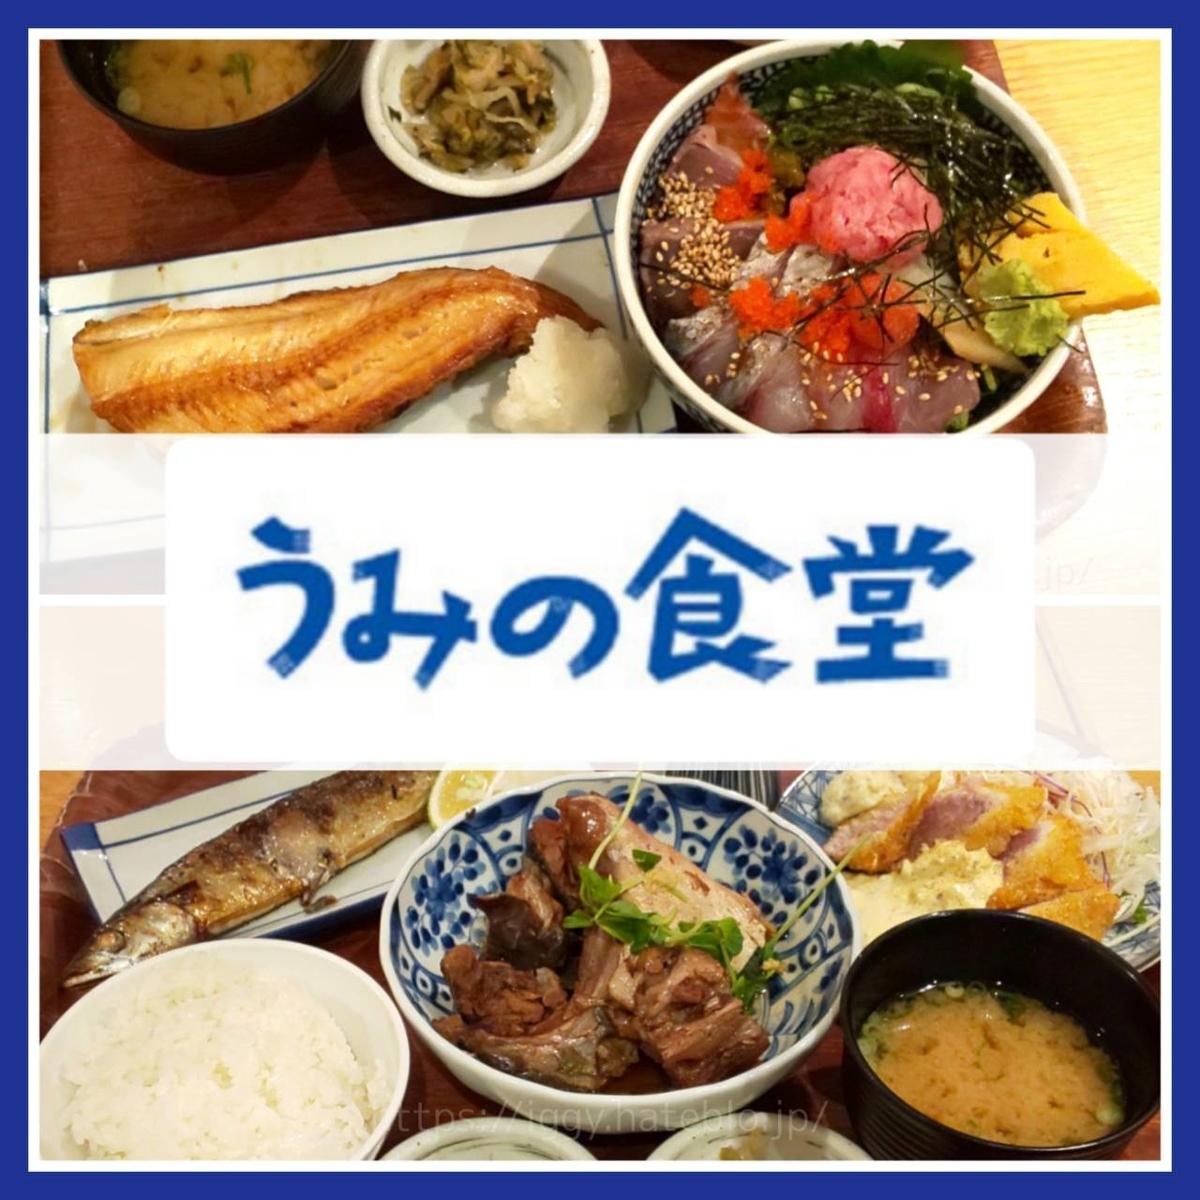 うみの食堂 天神おすすめランチ 海鮮丼 選べるおかず 福岡パルコ店 LIFE